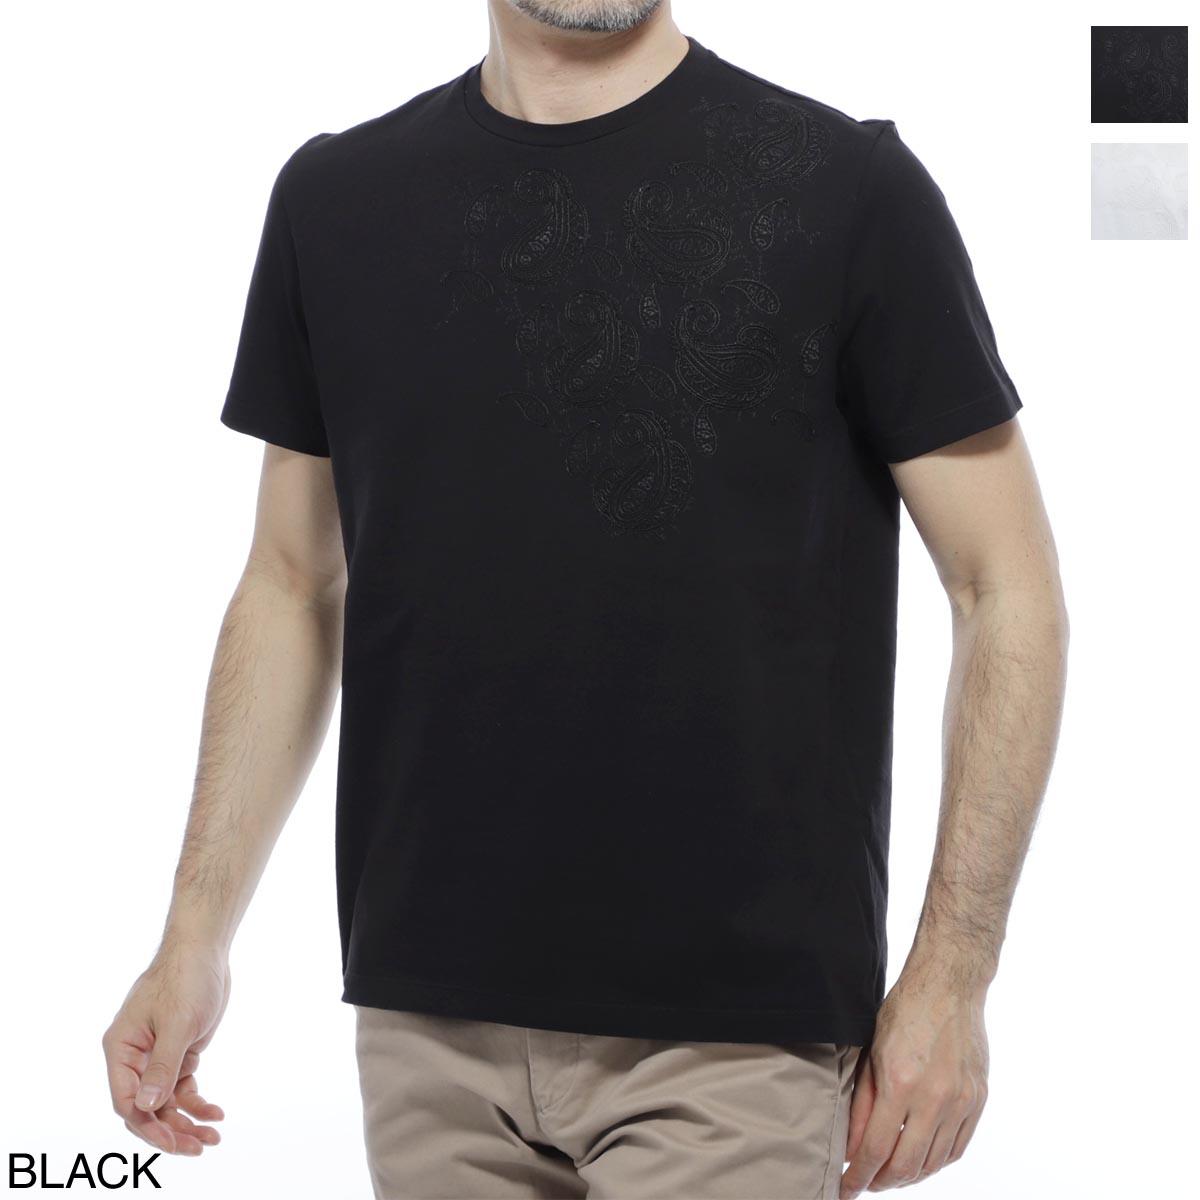 エトロ ETRO クルーネックTシャツ メンズ コットン 綿 半袖 1y020 7902 001【あす楽対応_関東】【返品送料無料】【ラッピング無料】